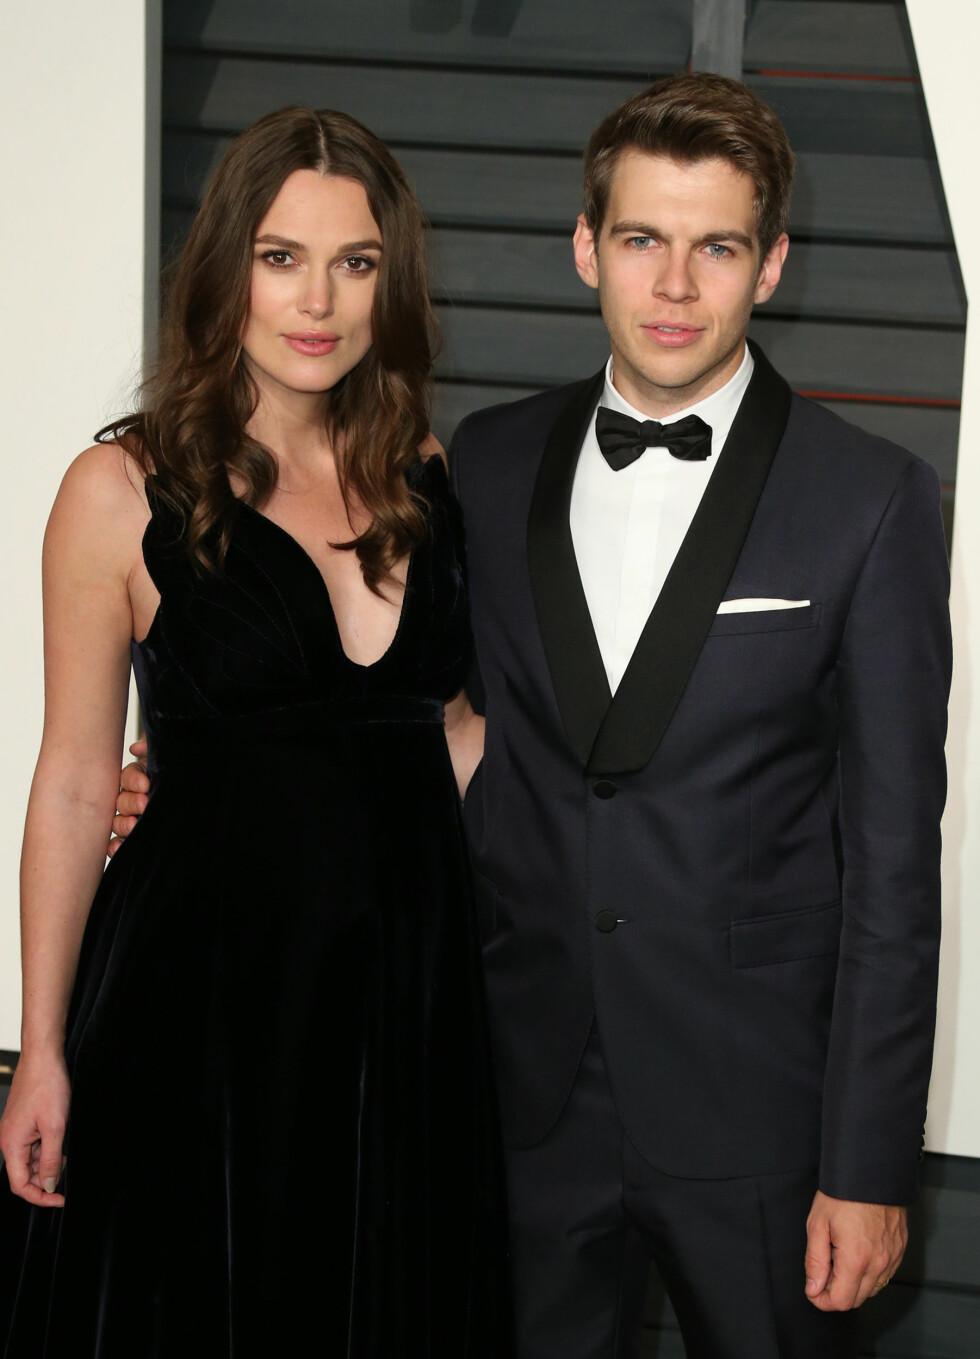 NYBAKTE FORELDRE: Keira Knightley og ektemannen James Righton på Vanity Fairs Oscar-fest i slutten av februar, omlag tre måneder før de ble foreldre.  Foto: wenn.com